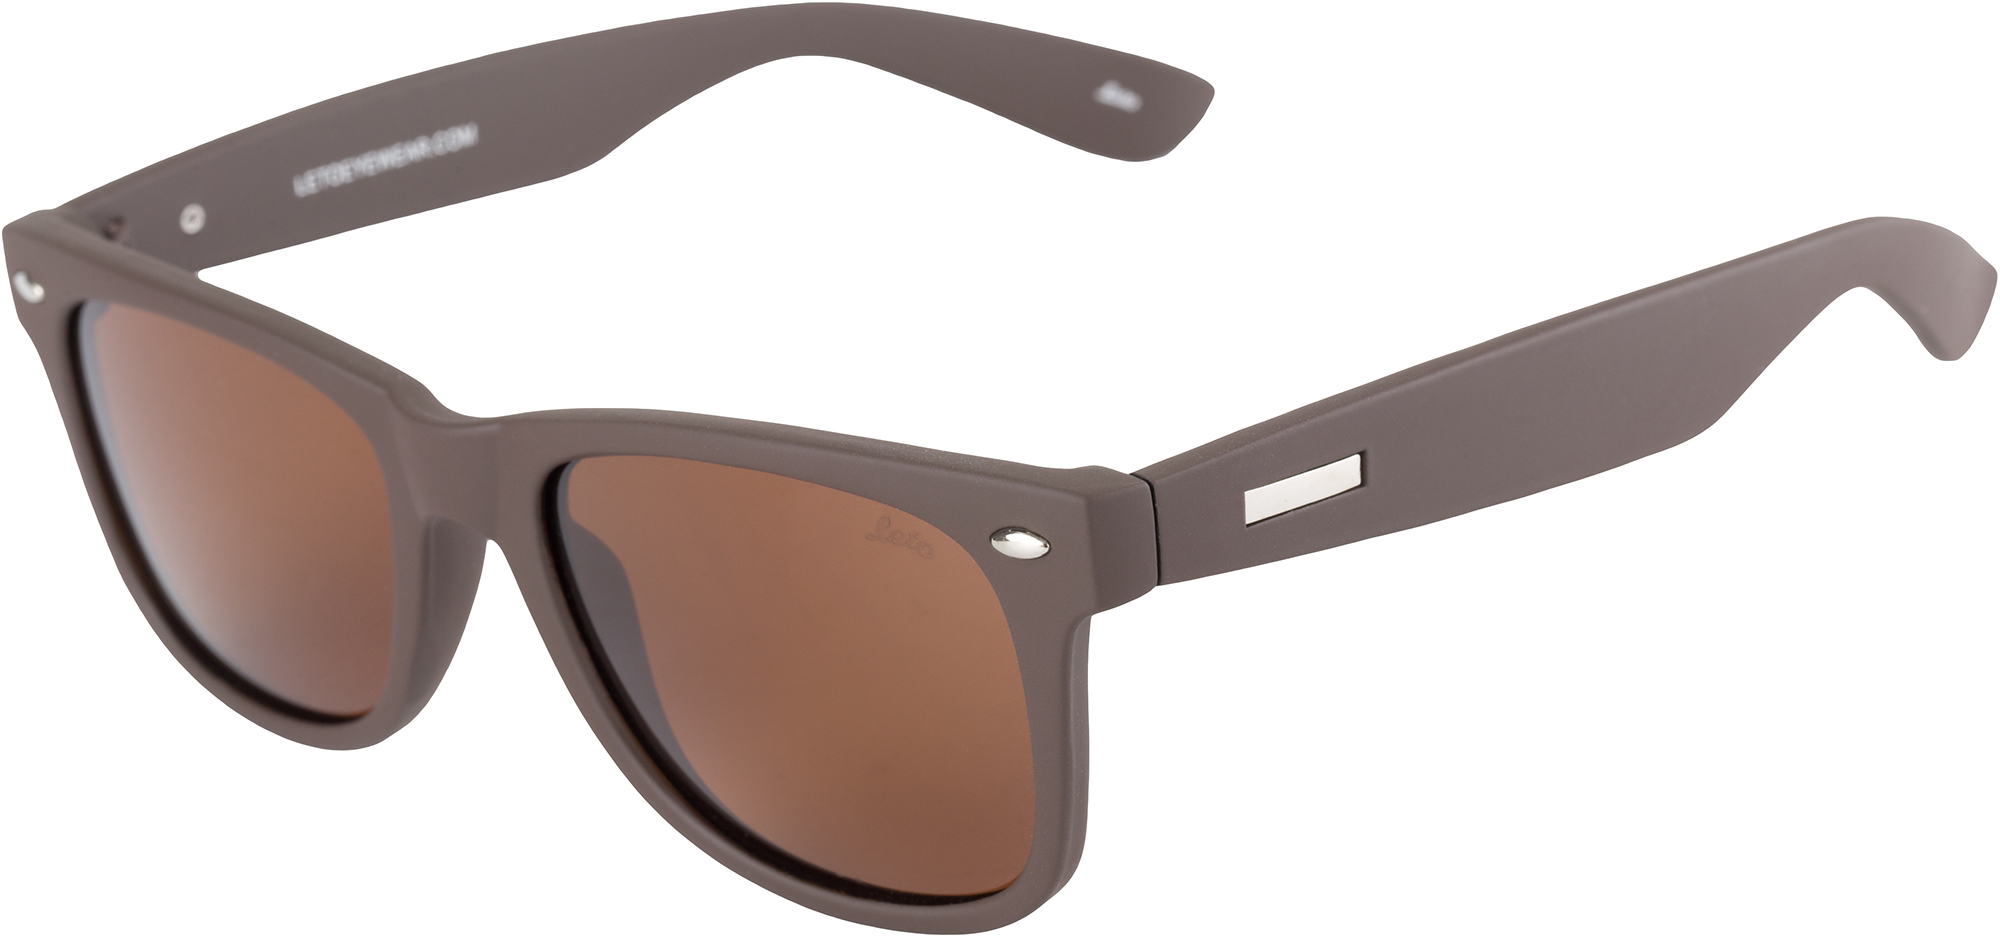 1fdc145a90c0 Солнцезащитые очки, Аксессуары купить недорого в интернет-магазине в ...